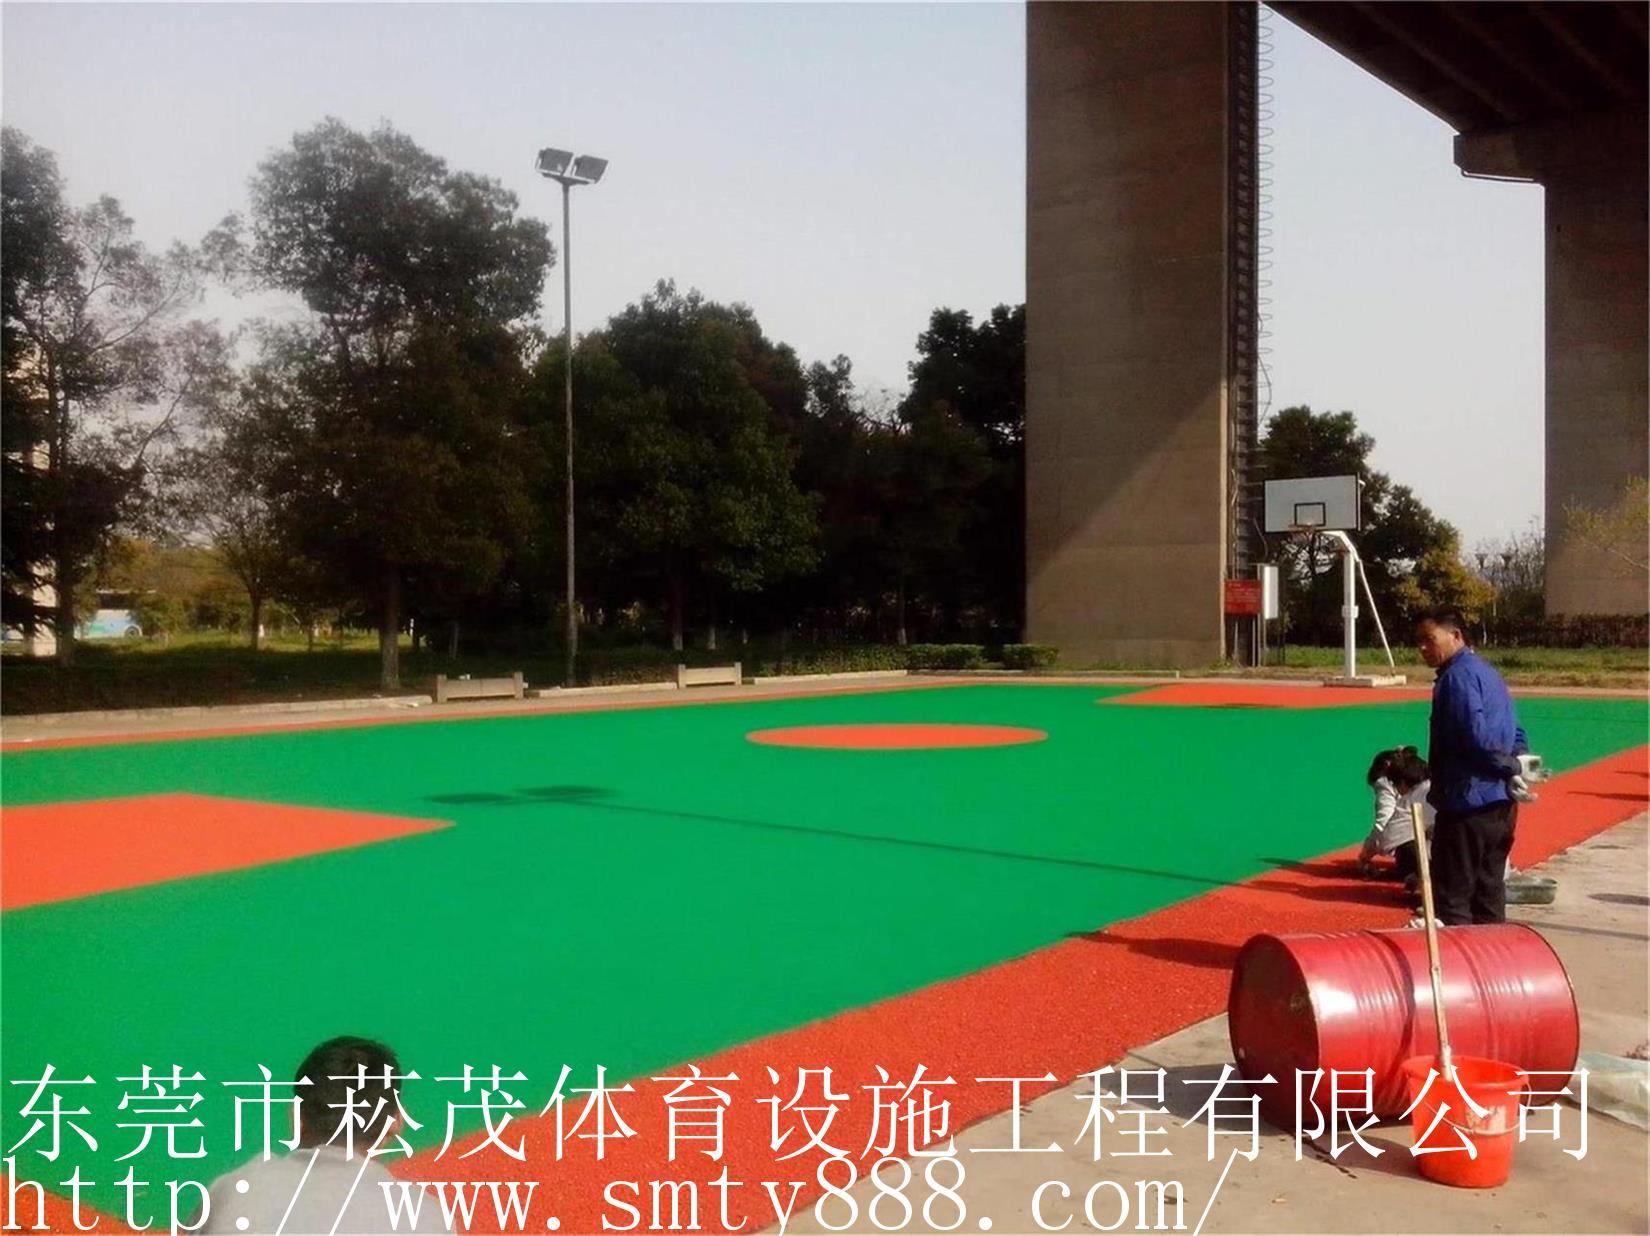 塑胶篮球场价格_东莞有品质的塑胶篮球场